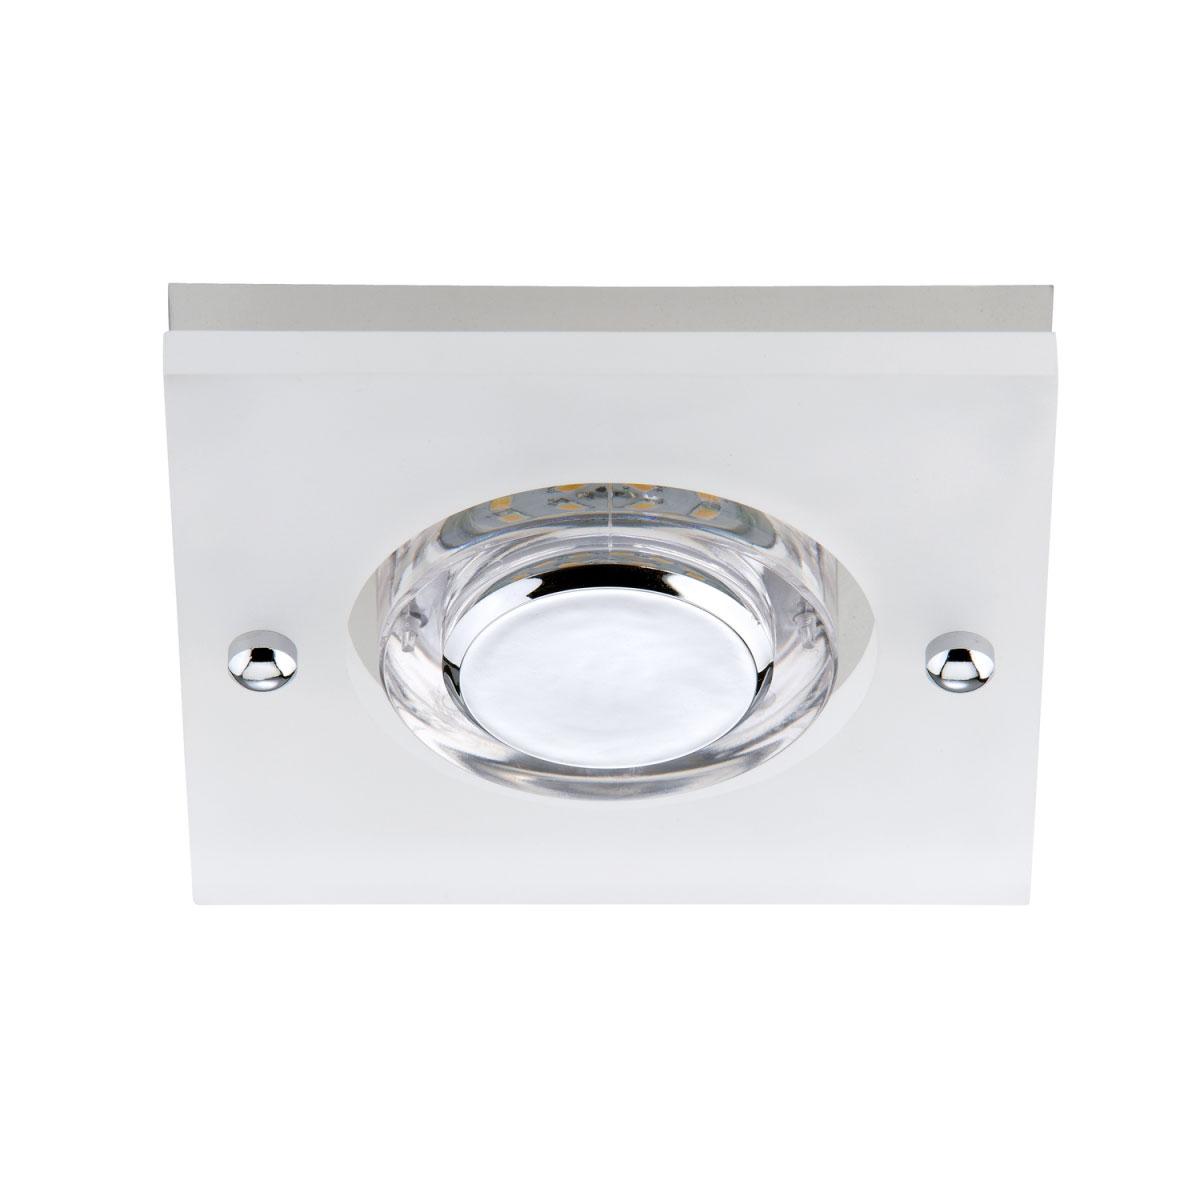 Deckenleuchten - LED Einbauleuchte, chrom, Modul  - Onlineshop Hellweg